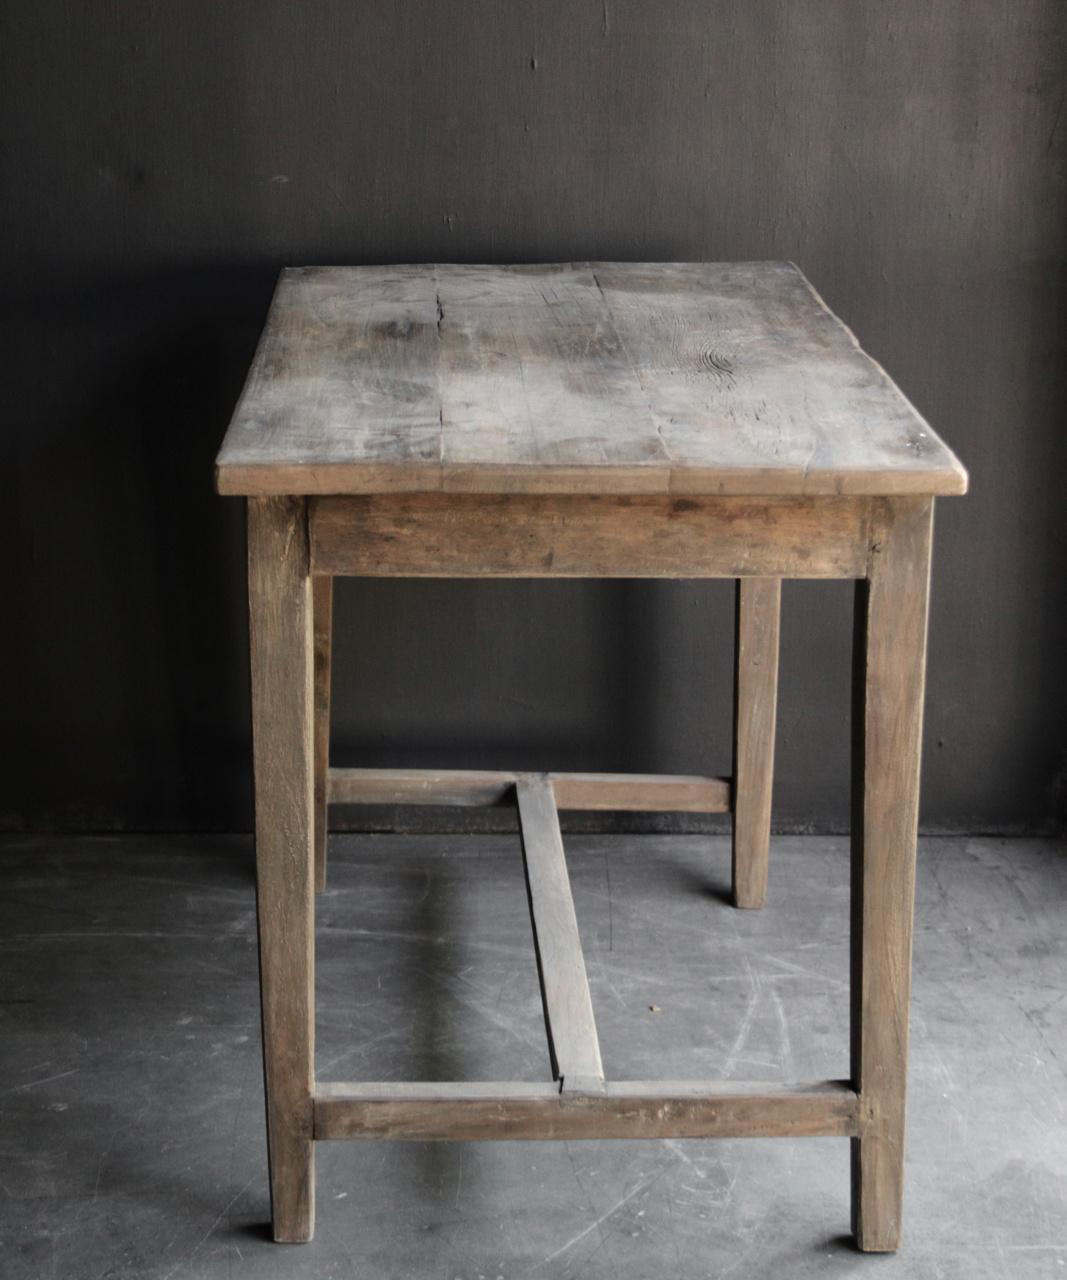 Oud Authentiek stoer klein driftwood  houten tafeltje-4